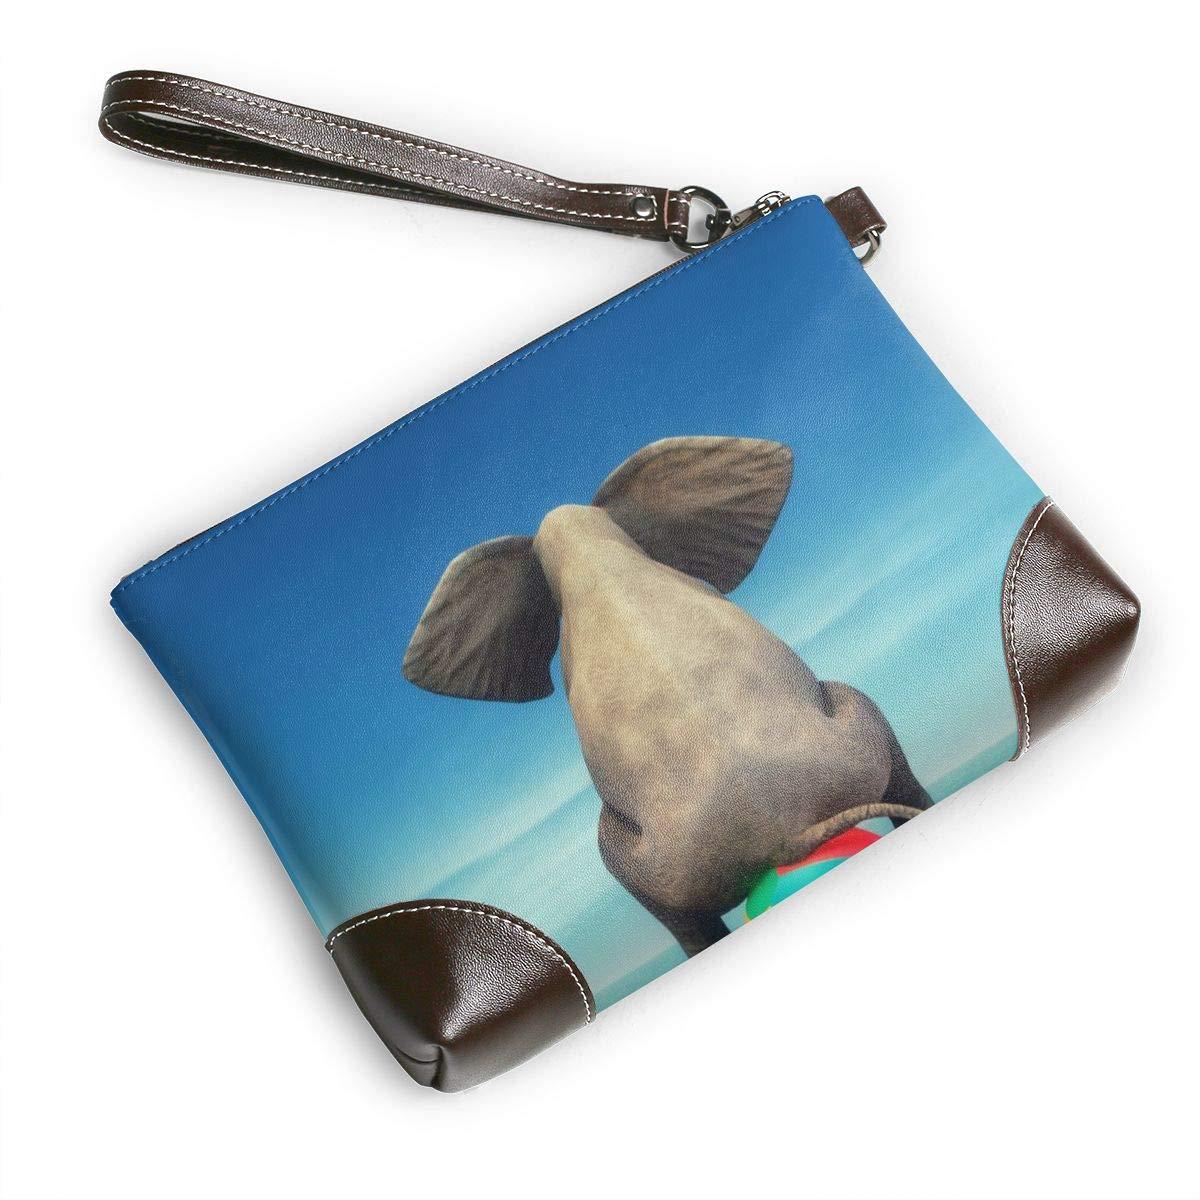 Blomma smör-fluga husdjur hund säng matta mjuk halkfri lyxig kennel dyna tillgänglig i flera stilar storlekar Elephant on Beach Ball